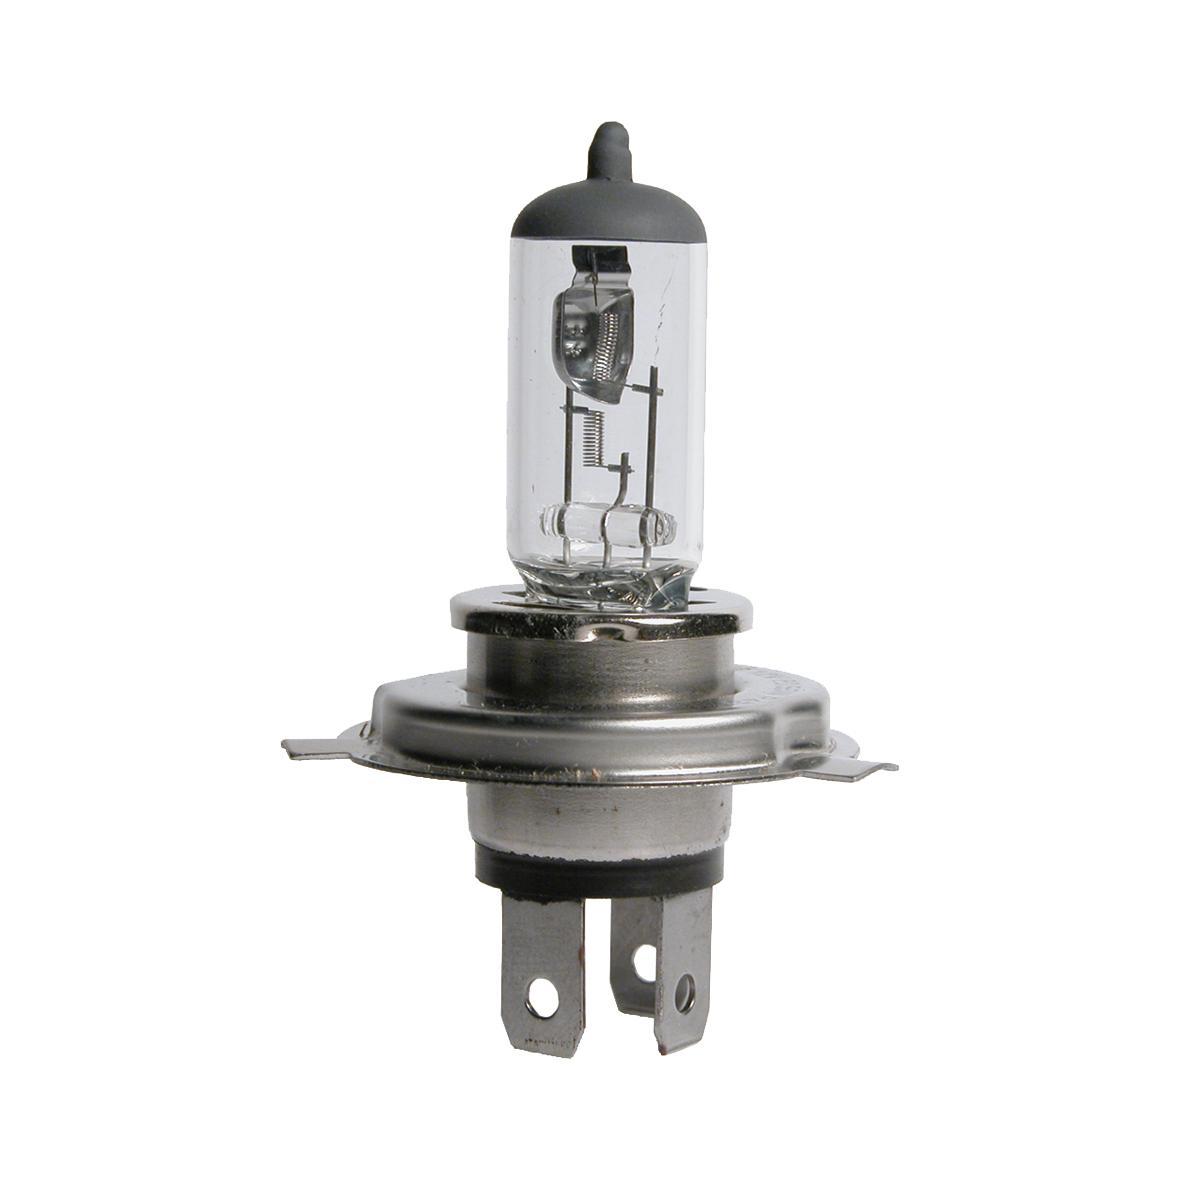 ampoule voiture h4 12v adnautomid ampoule h4 100 80w p 218152. Black Bedroom Furniture Sets. Home Design Ideas